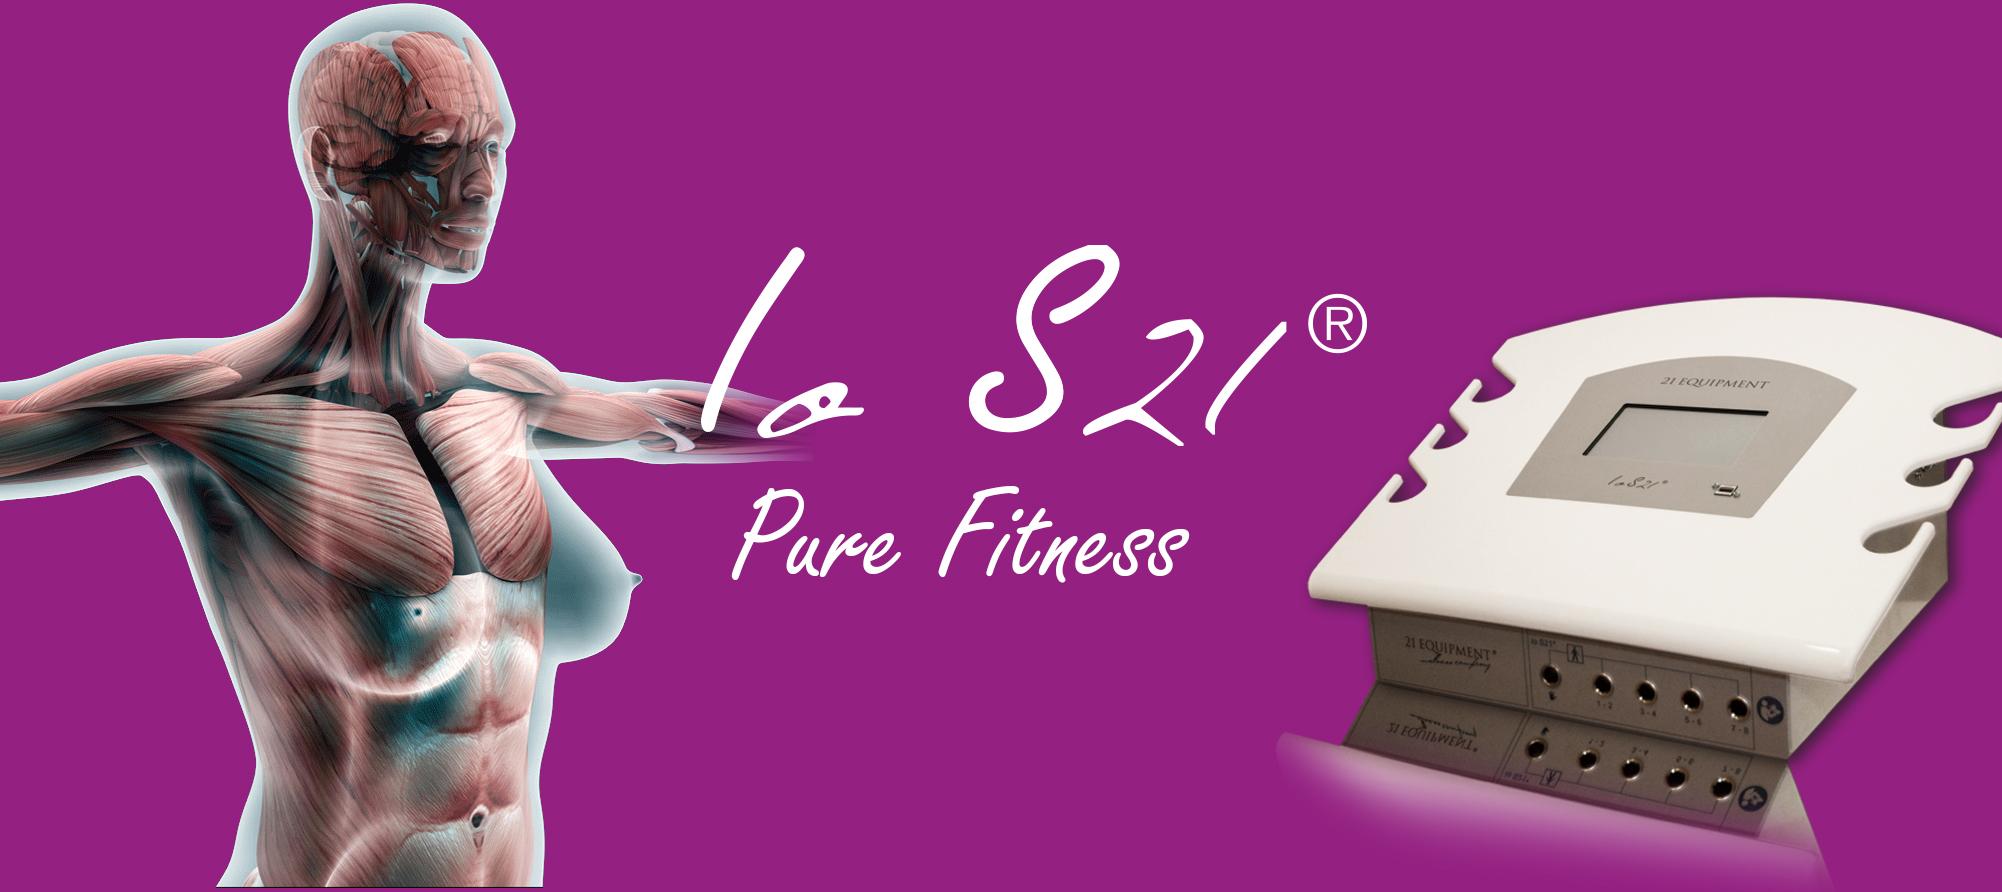 IO S21 Pure Fitness